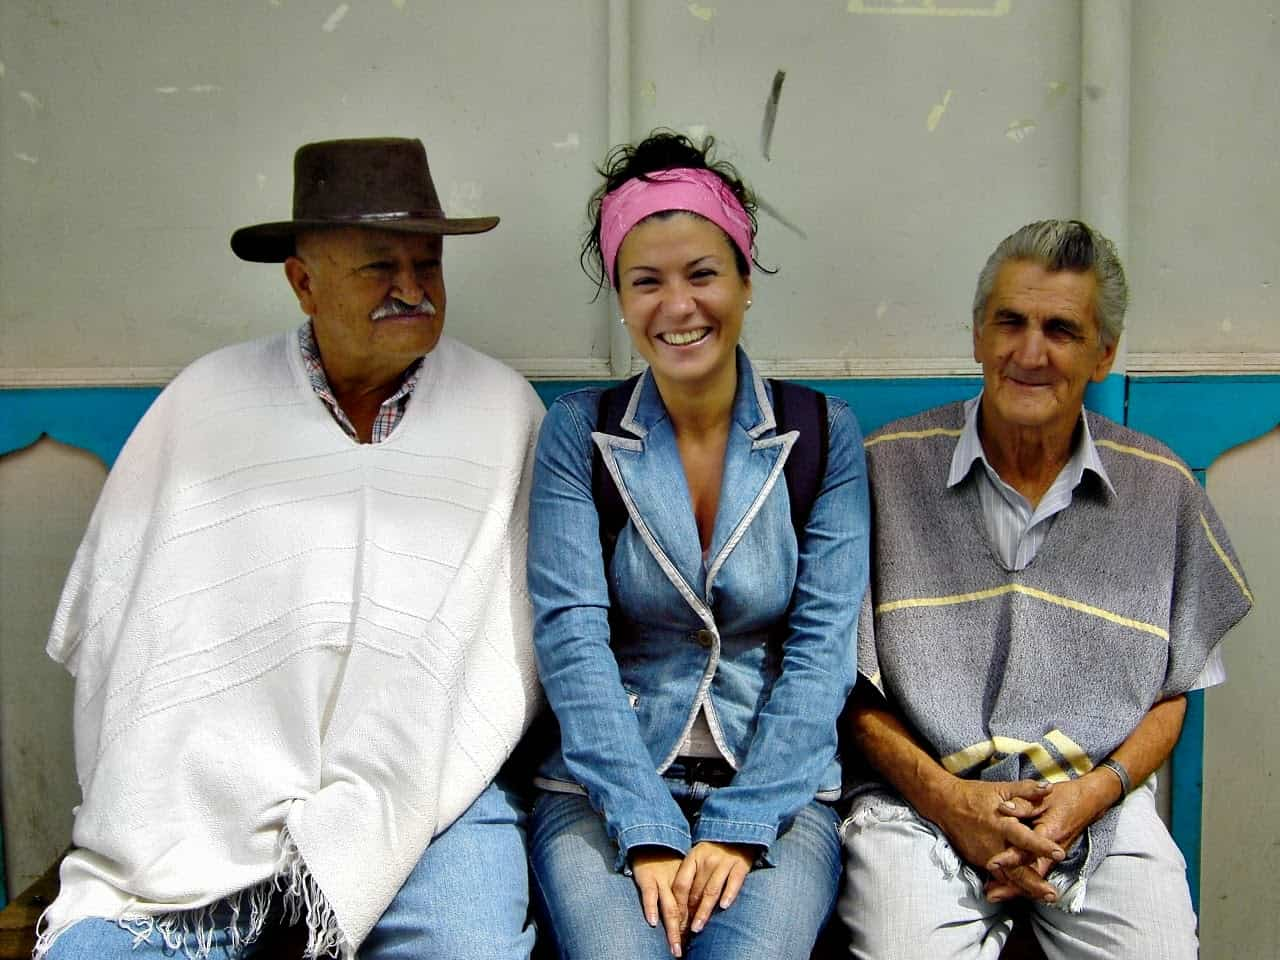 Vacaciones familiares en el Eje Cafetero, un parque temático en el interior de Colombia América